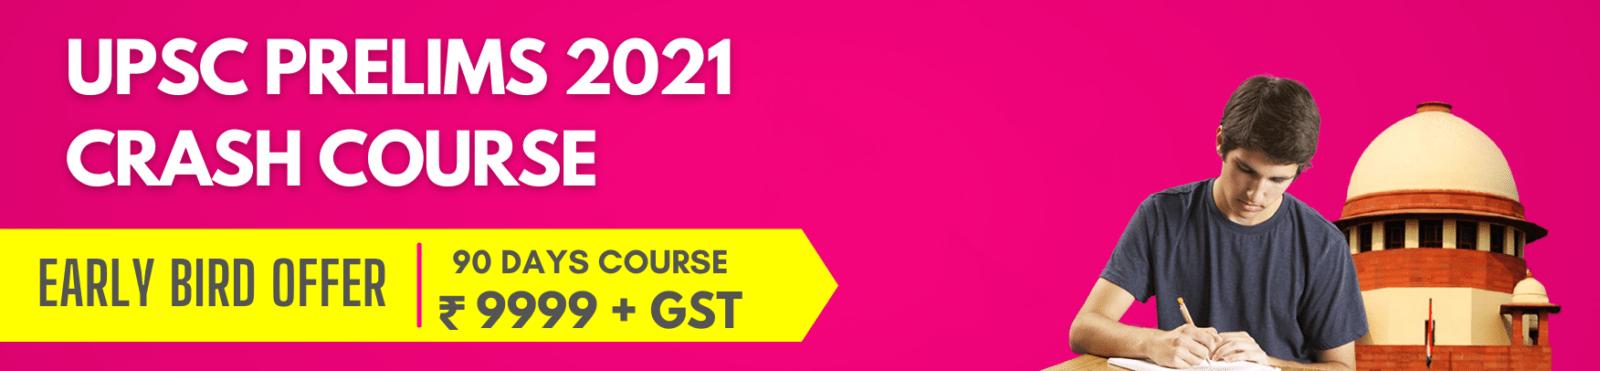 Prelims Crash Course 2021